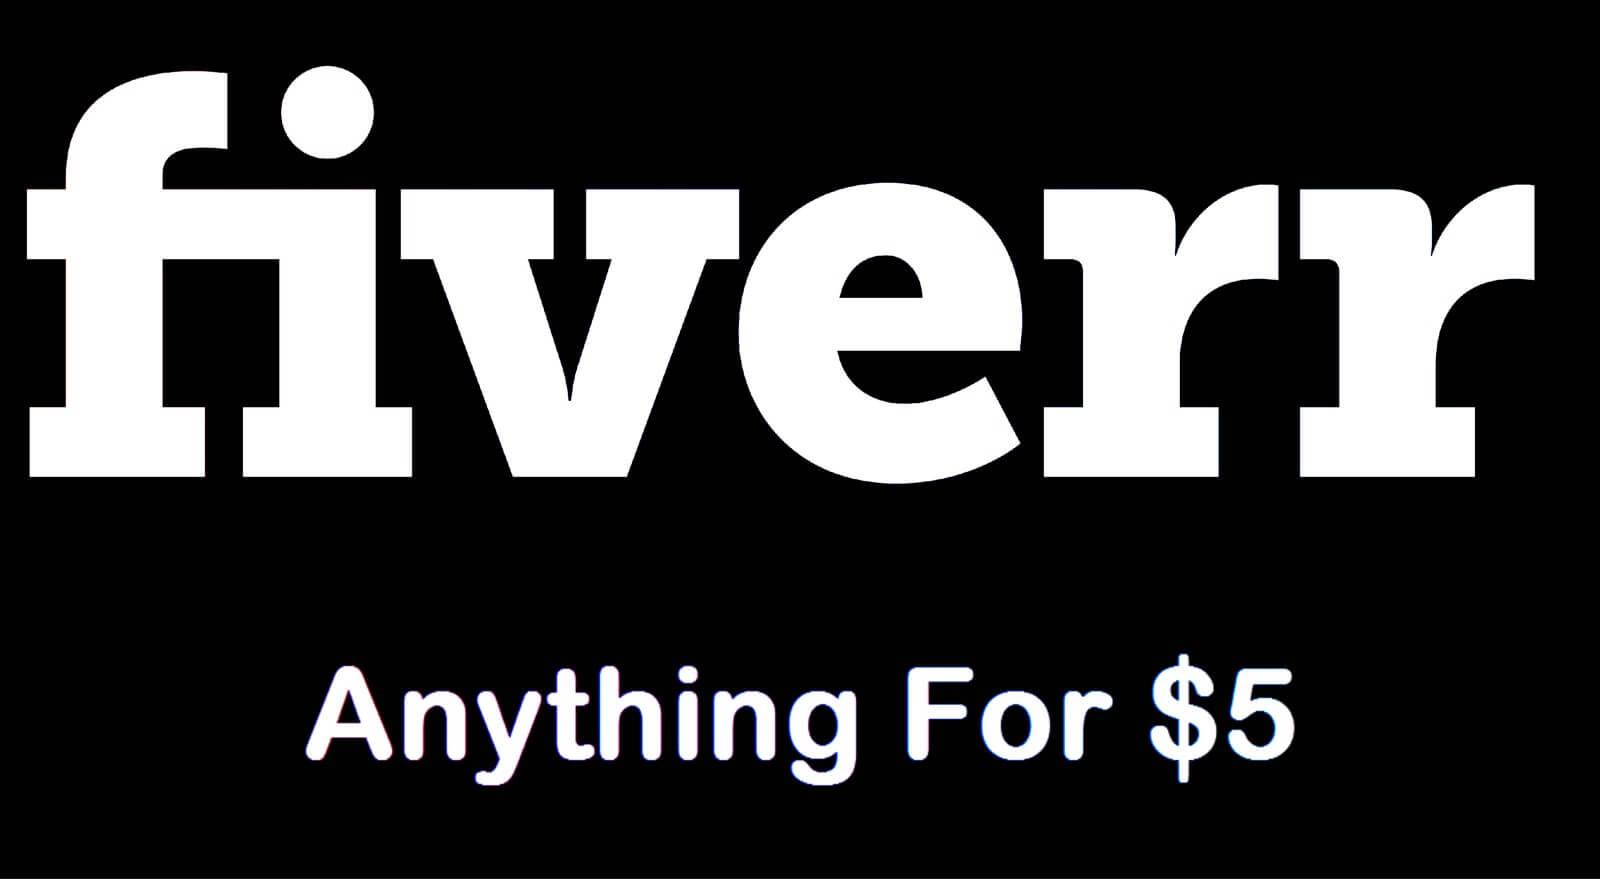 Fiverr affiliate link